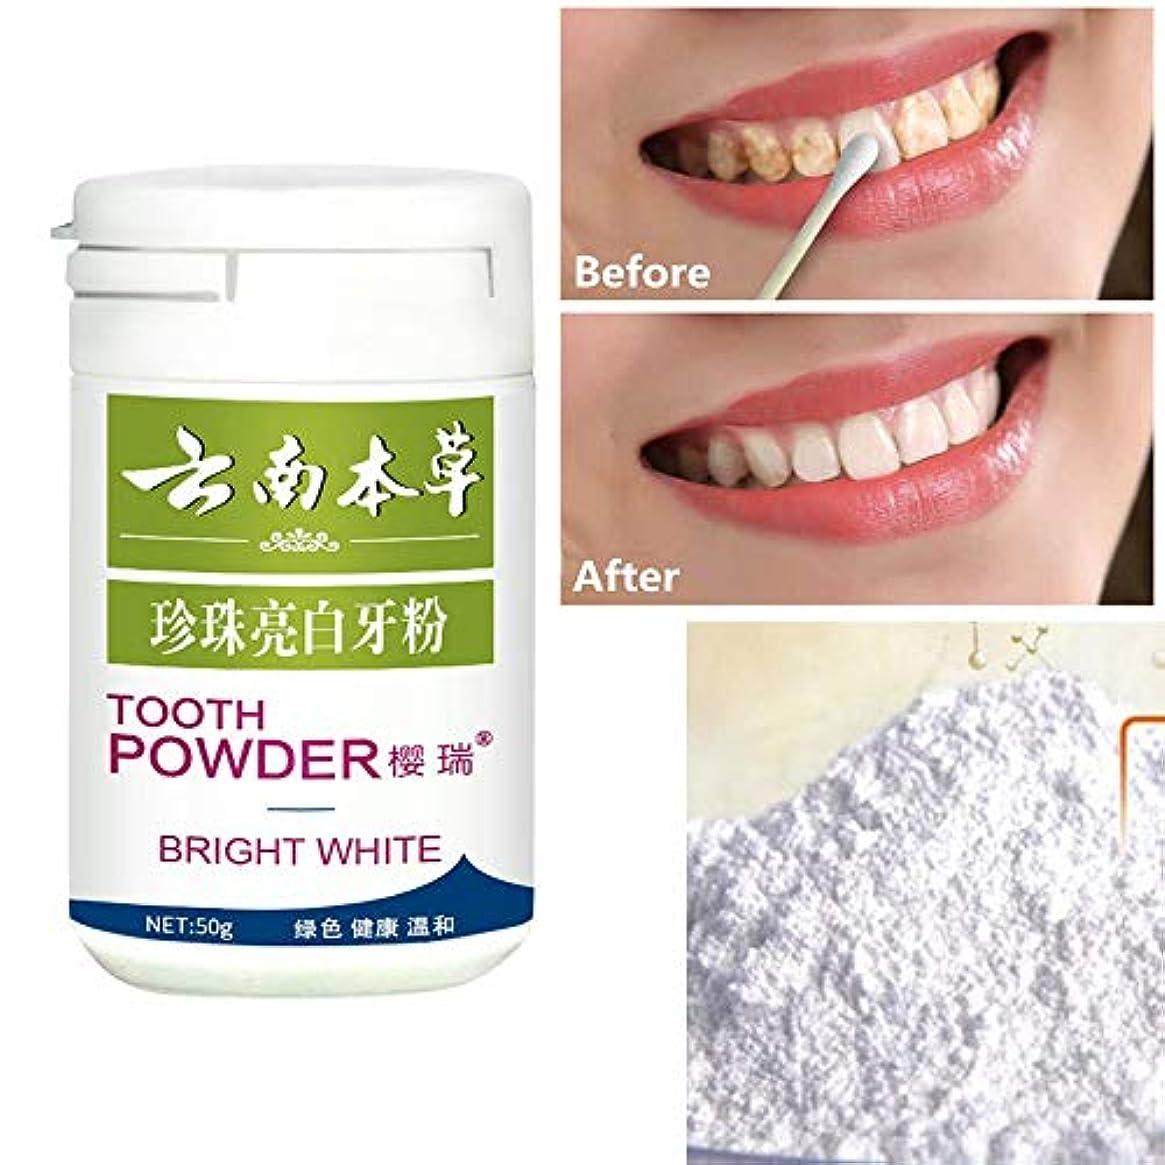 スツール賛辞仲介者50gホワイトニング歯のケア口臭を除去するプラーク歯磨き粉粉末をきれいにする歯の歯石の歯石除去の汚れ